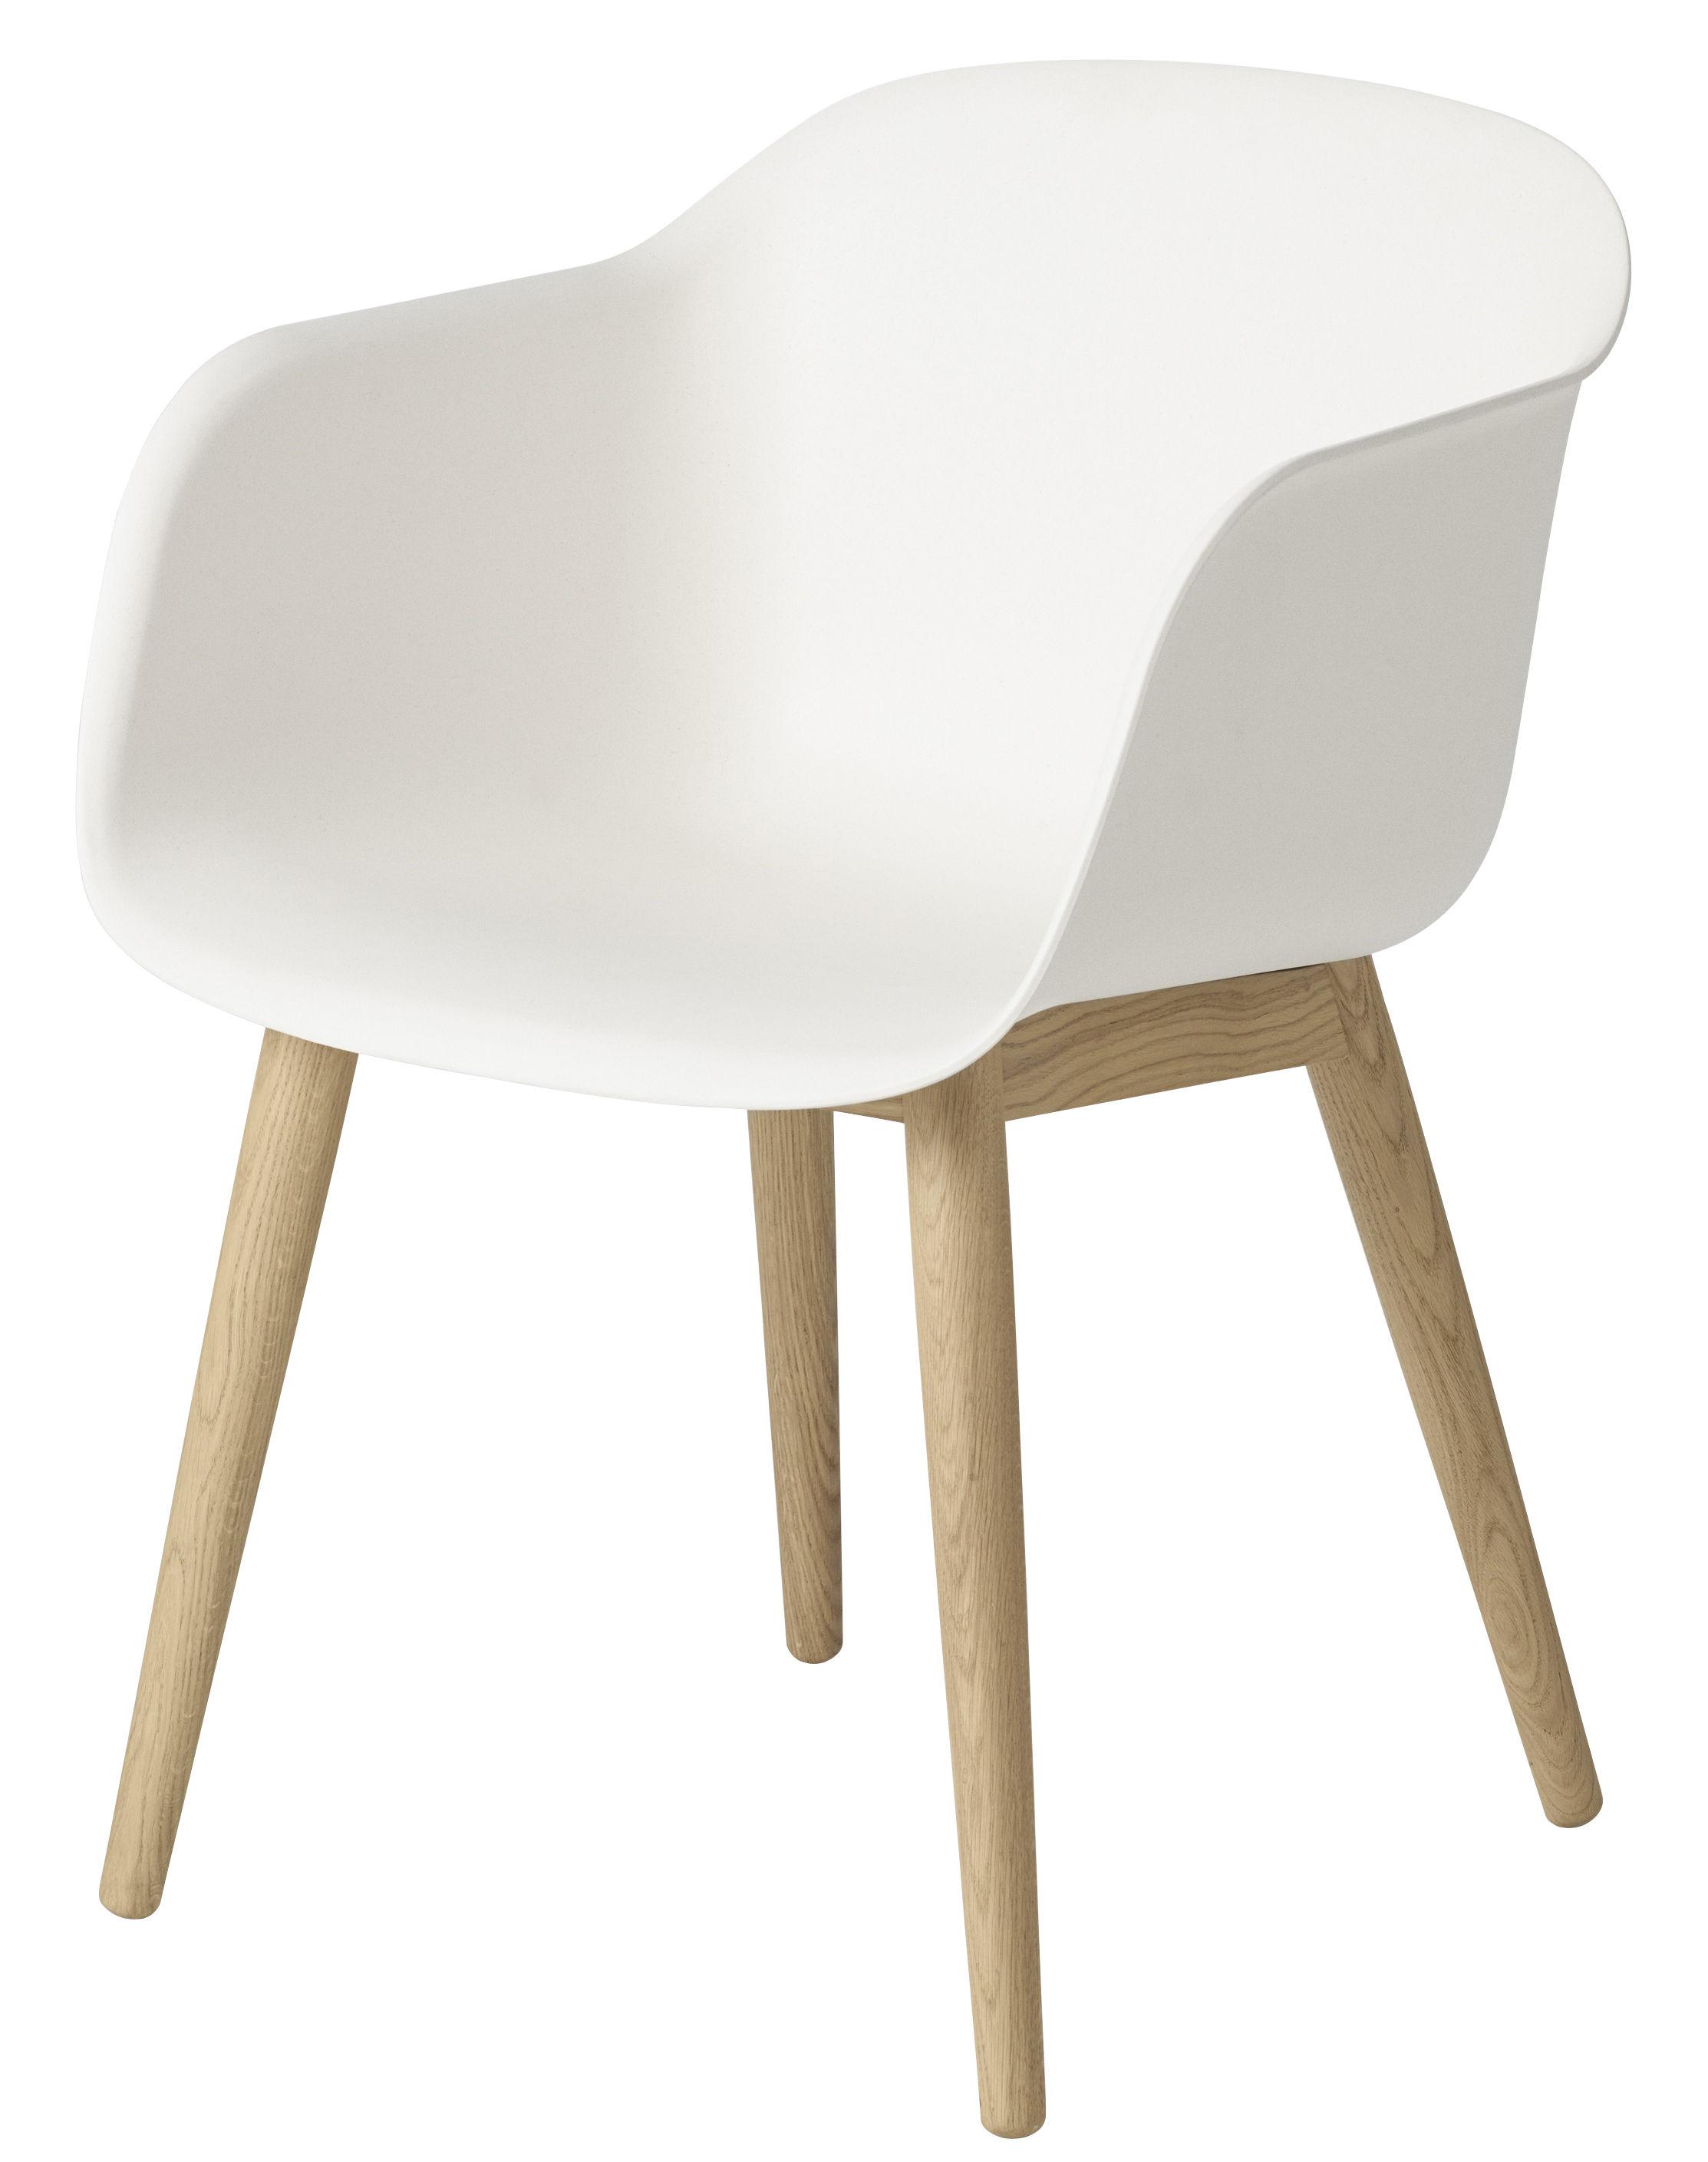 Made in design mobilier contemporain luminaire et for Eetkamerstoelen scandinavisch